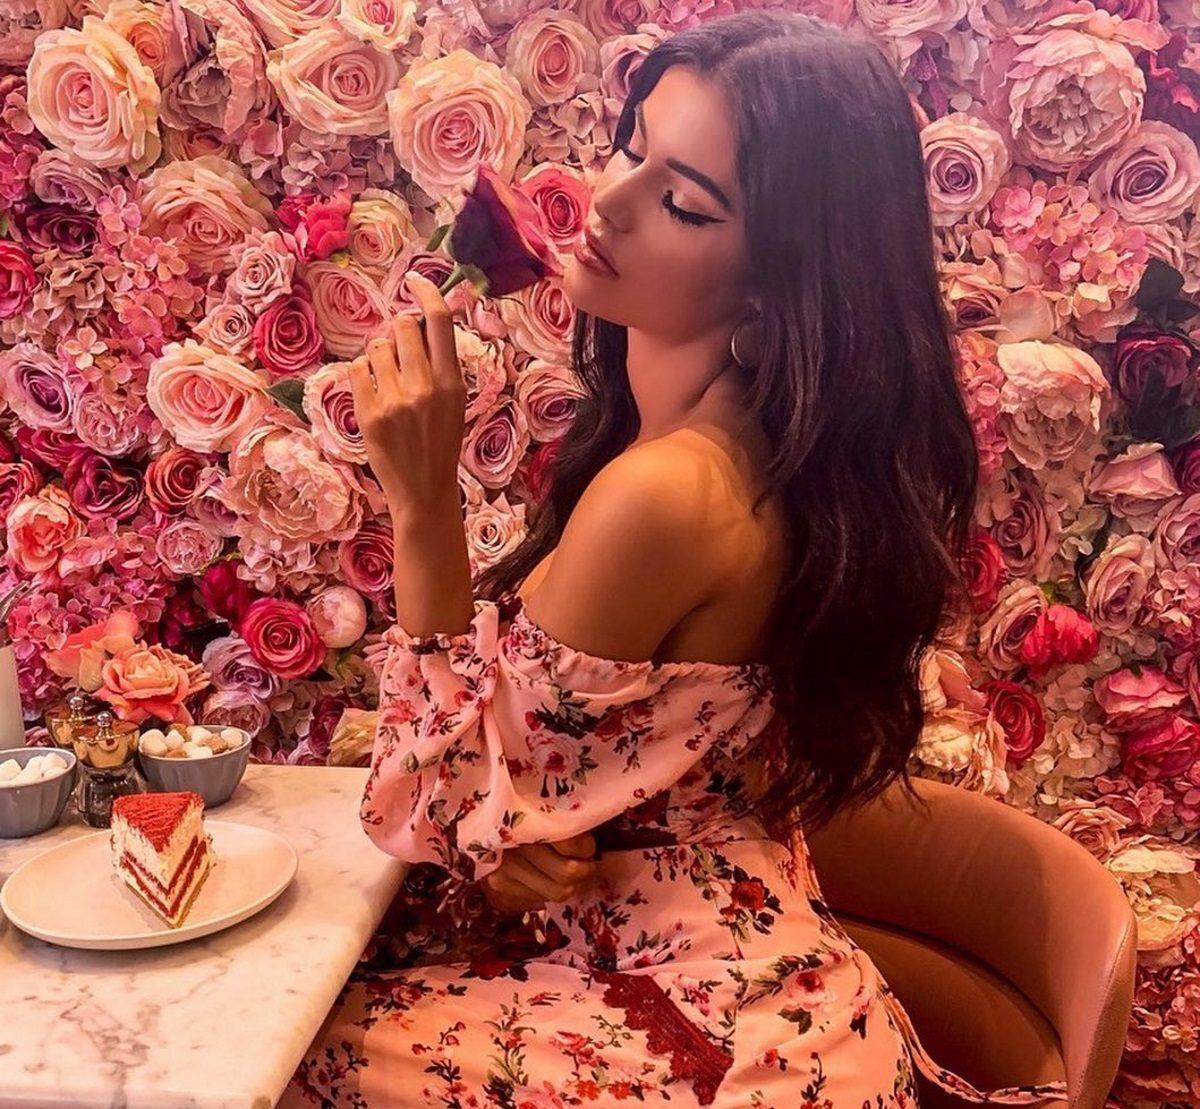 Ιωάννα Μπέλλα: Ξανά ελεύθερη και ωραία! Χώρισε μετά από μερικούς μήνες σχέσης | tlife.gr